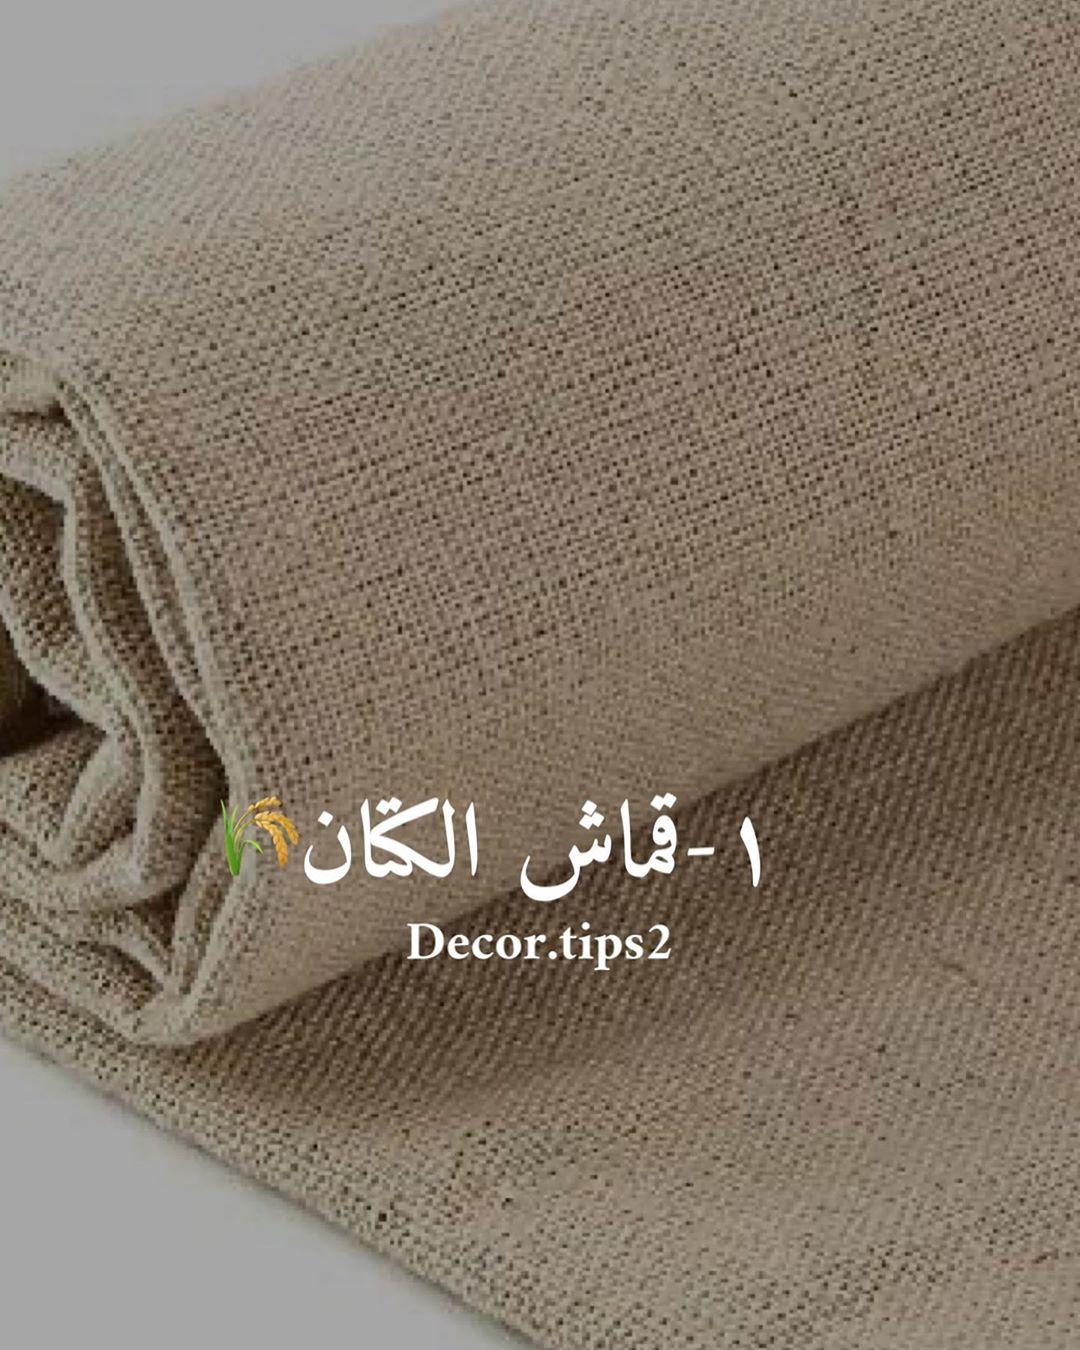 .  قماش الكتان Linen fabric . الجميل انه فيه منه أنواع ثقيلة وخفيفة تنفع للست